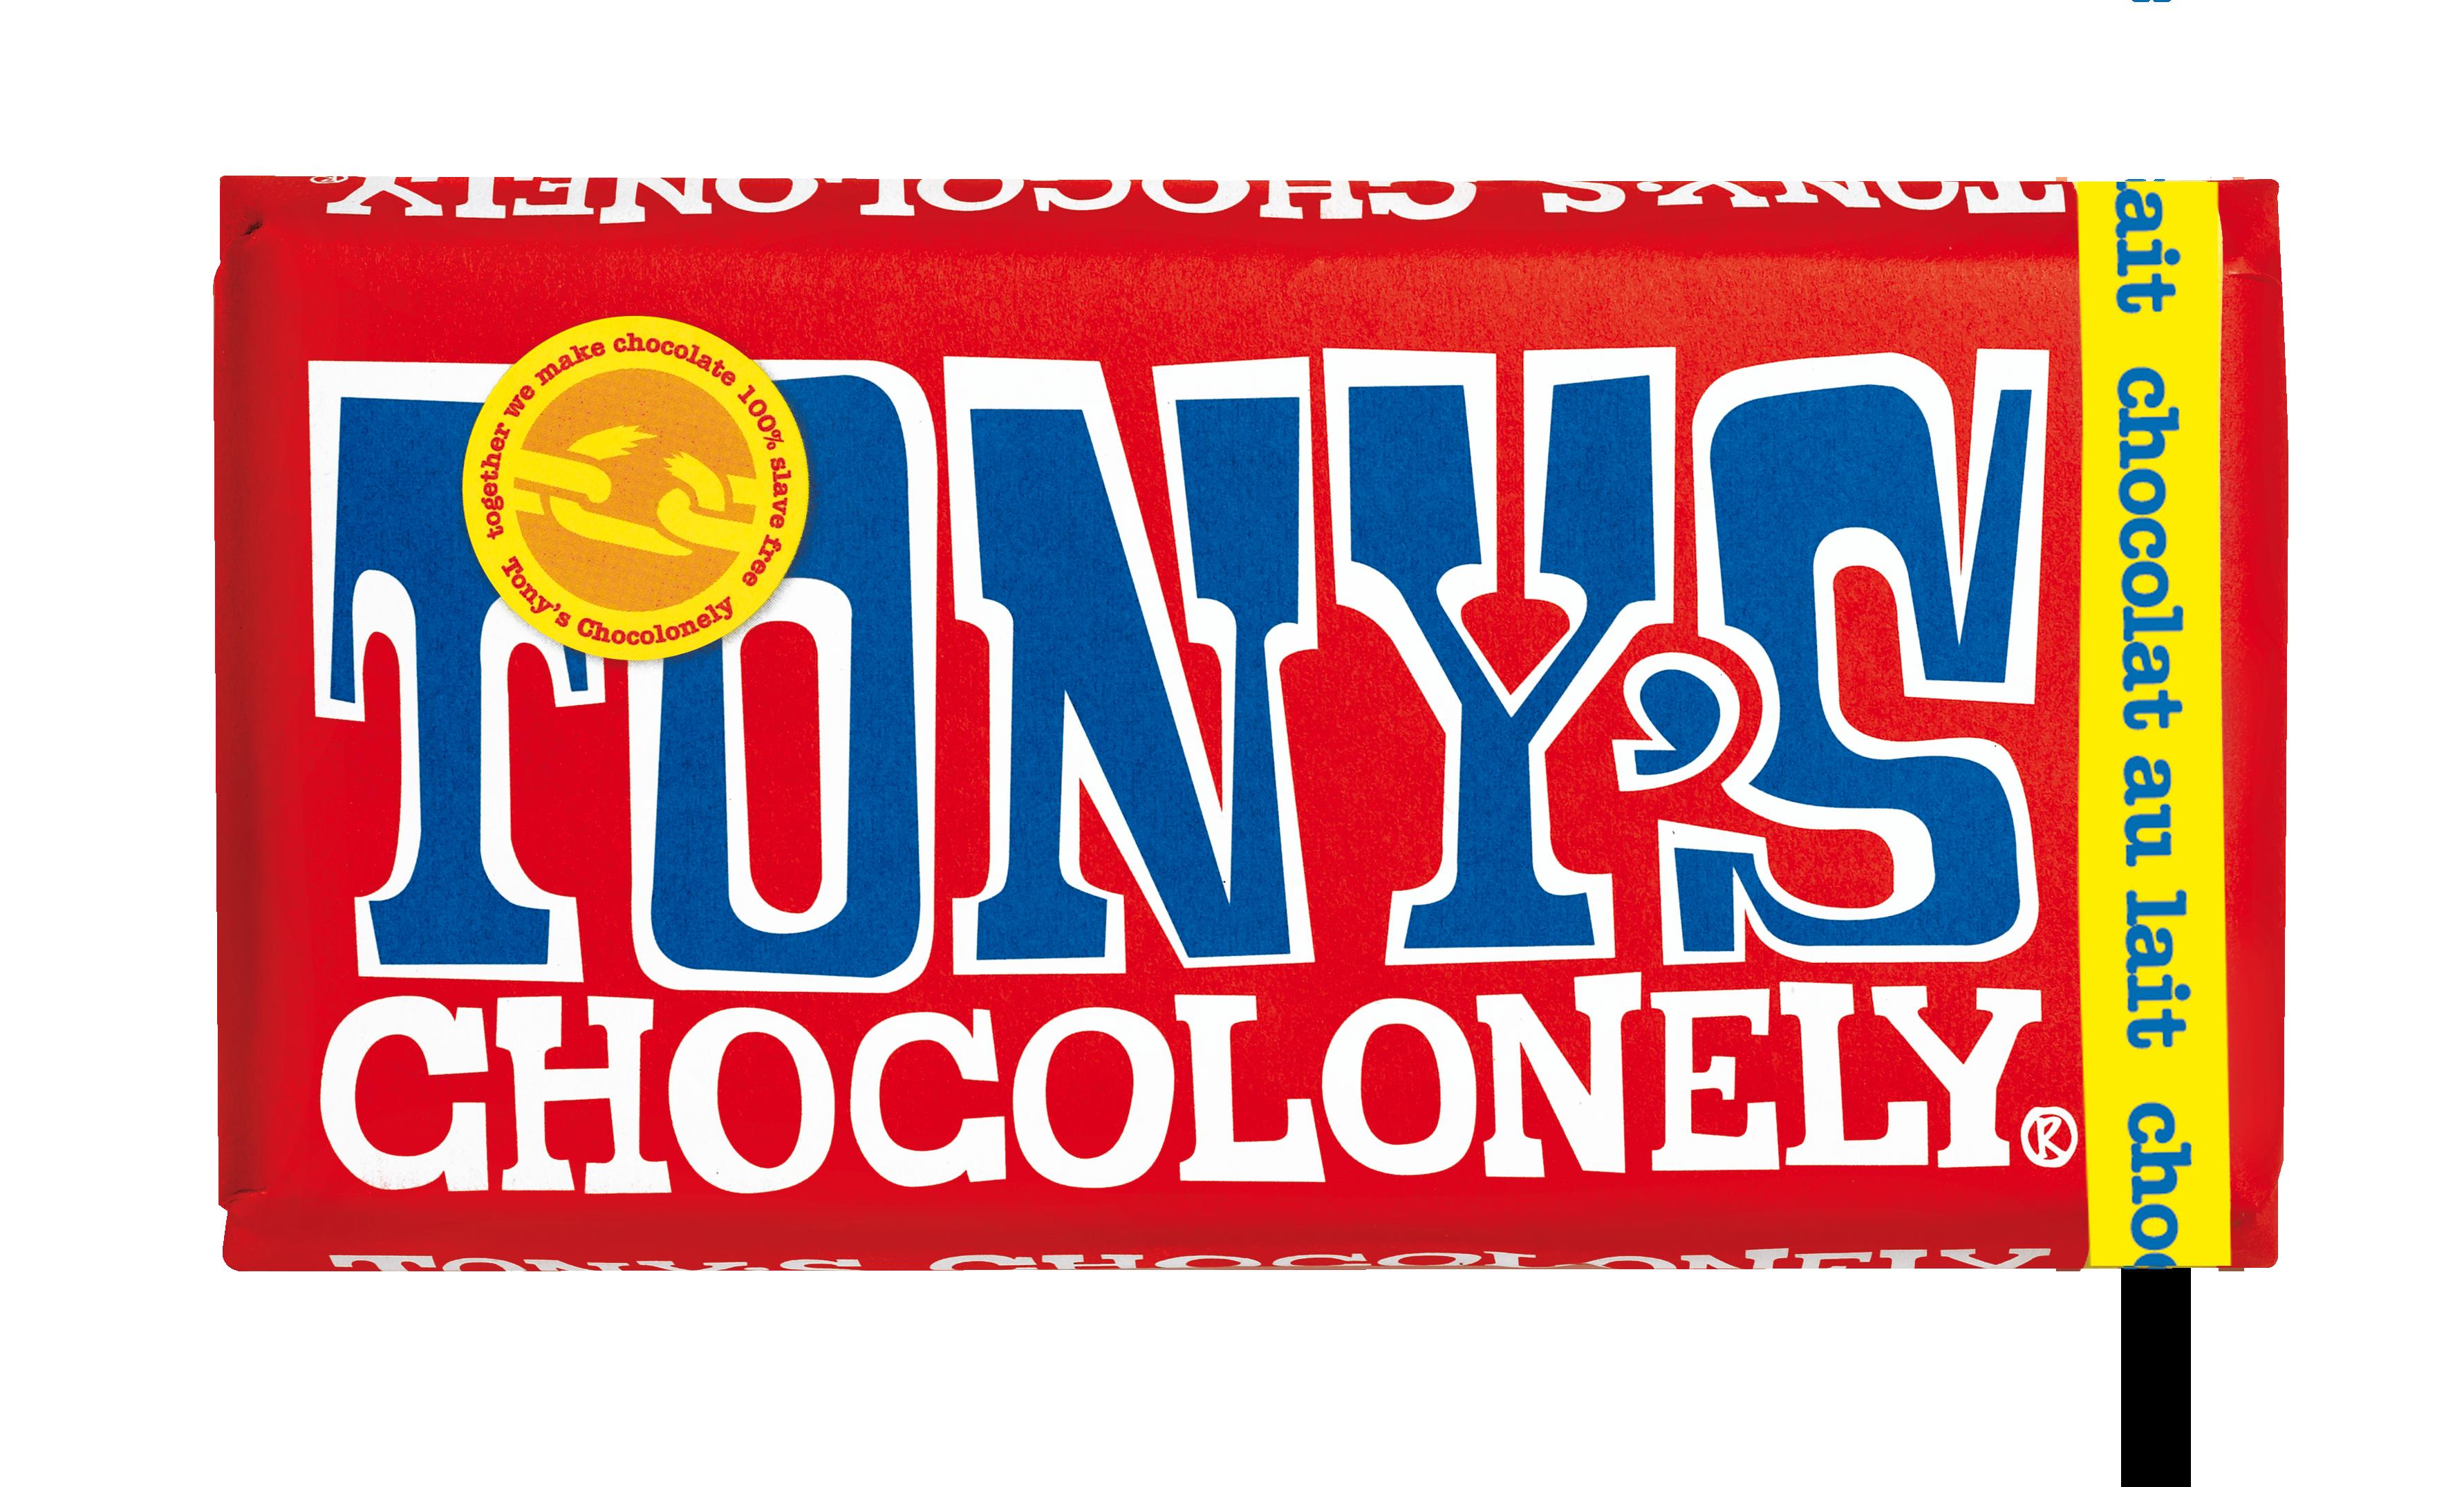 TC FR melk 180gr recht CMYK 2015 - Tony's Chocolonely collabore avec Pharrell Williams